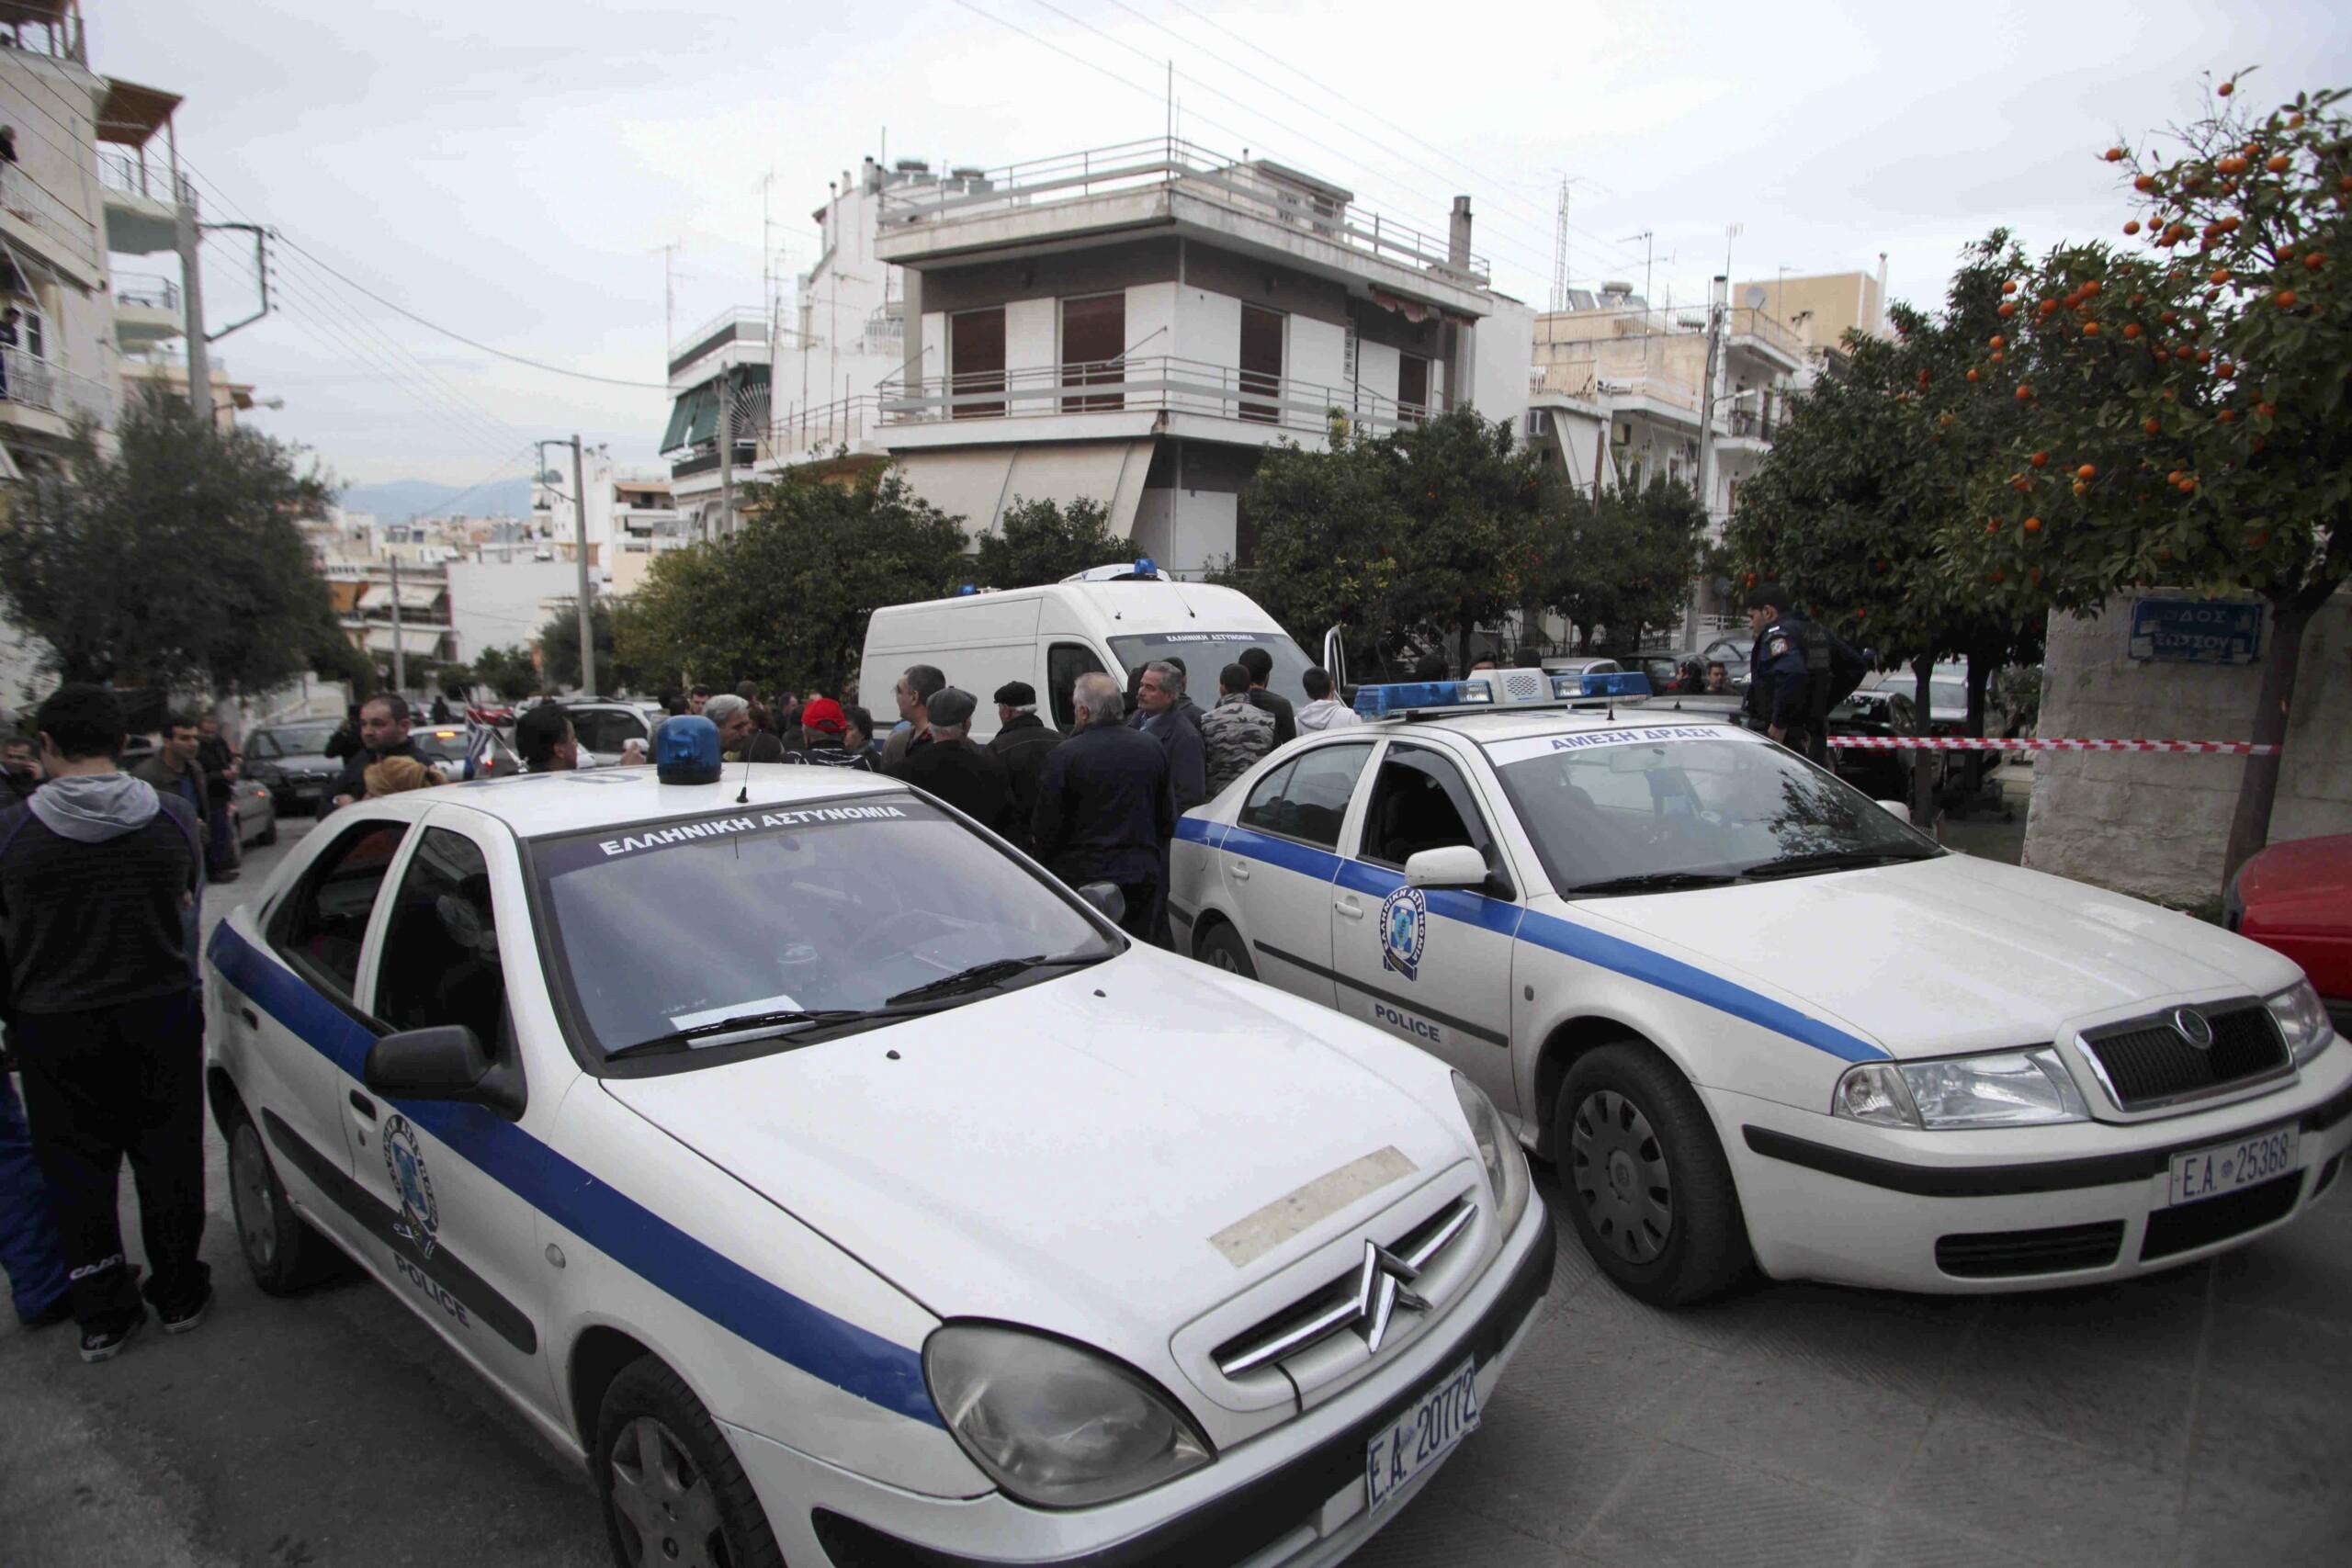 Αποζημίωση 410.000 ευρώ για την οικογένεια 25 χρόνου που σκοτώθηκε από διασταυρούμενα πυρά αστυνομικών – κακοποιών